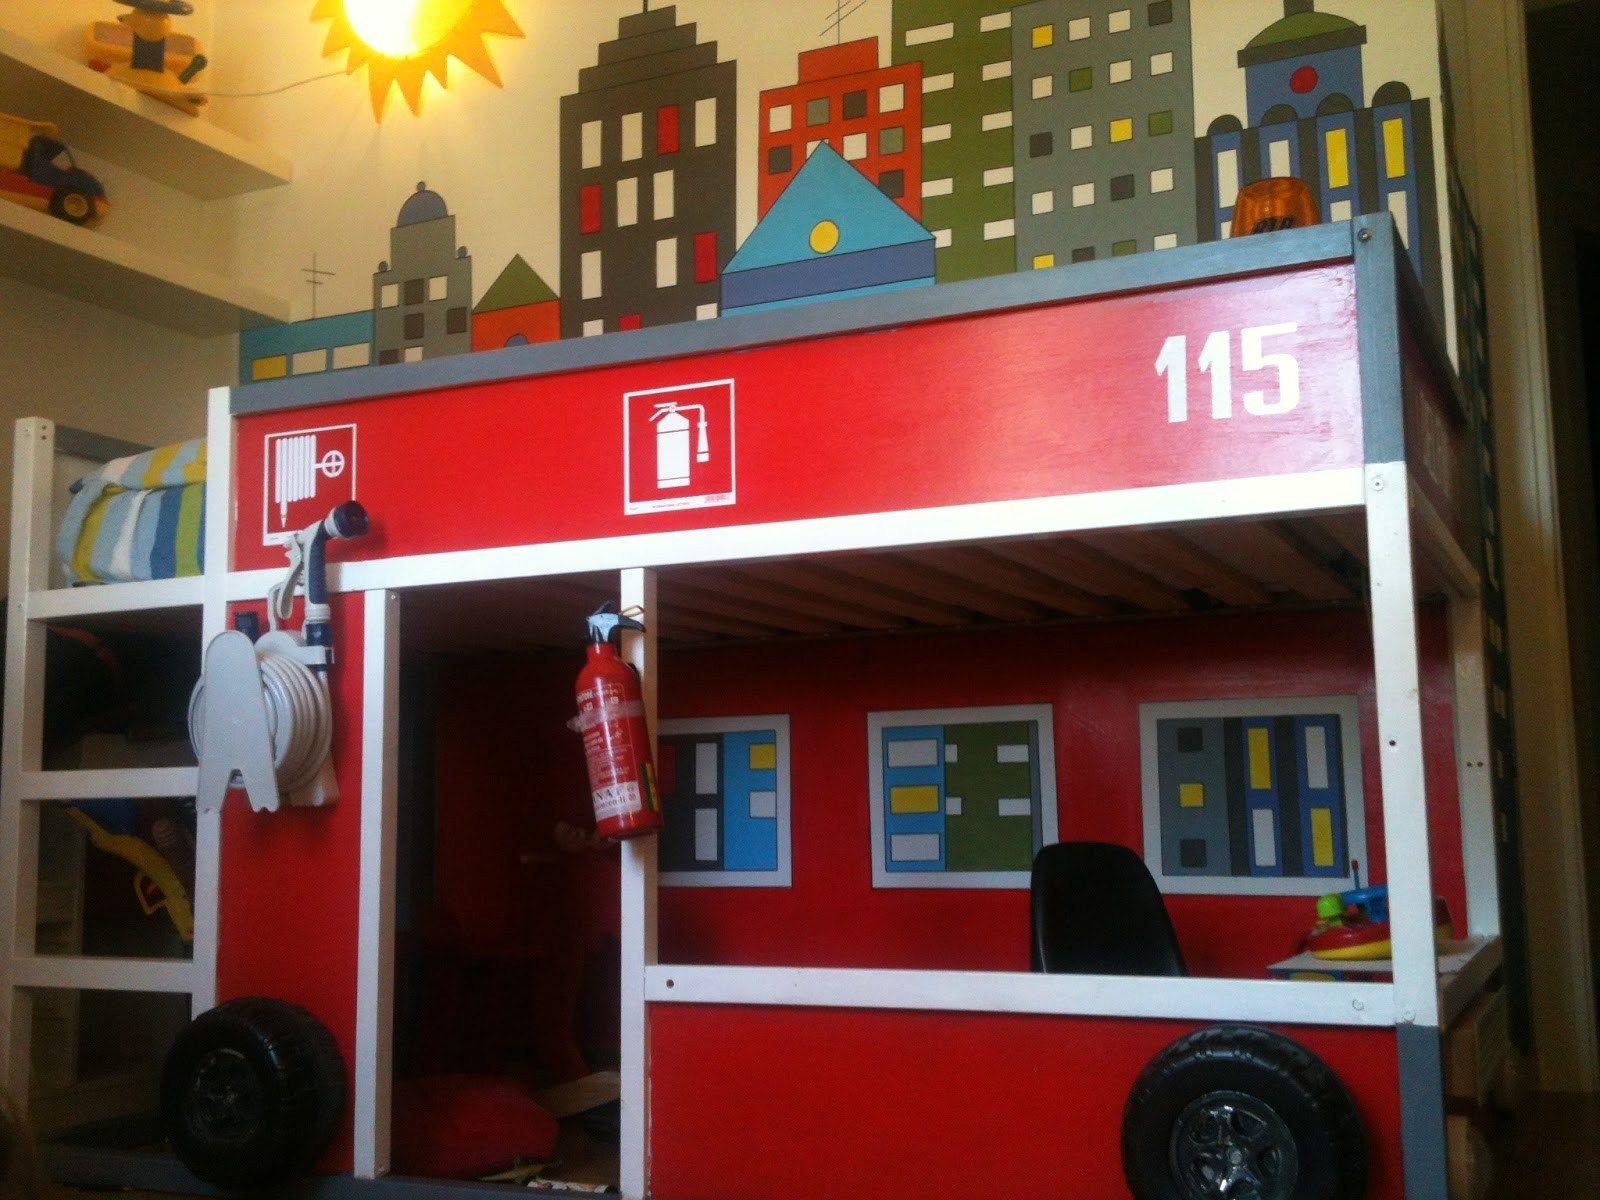 Letto Castello Trattore : Foto di letti a castello per bambini davvero originali